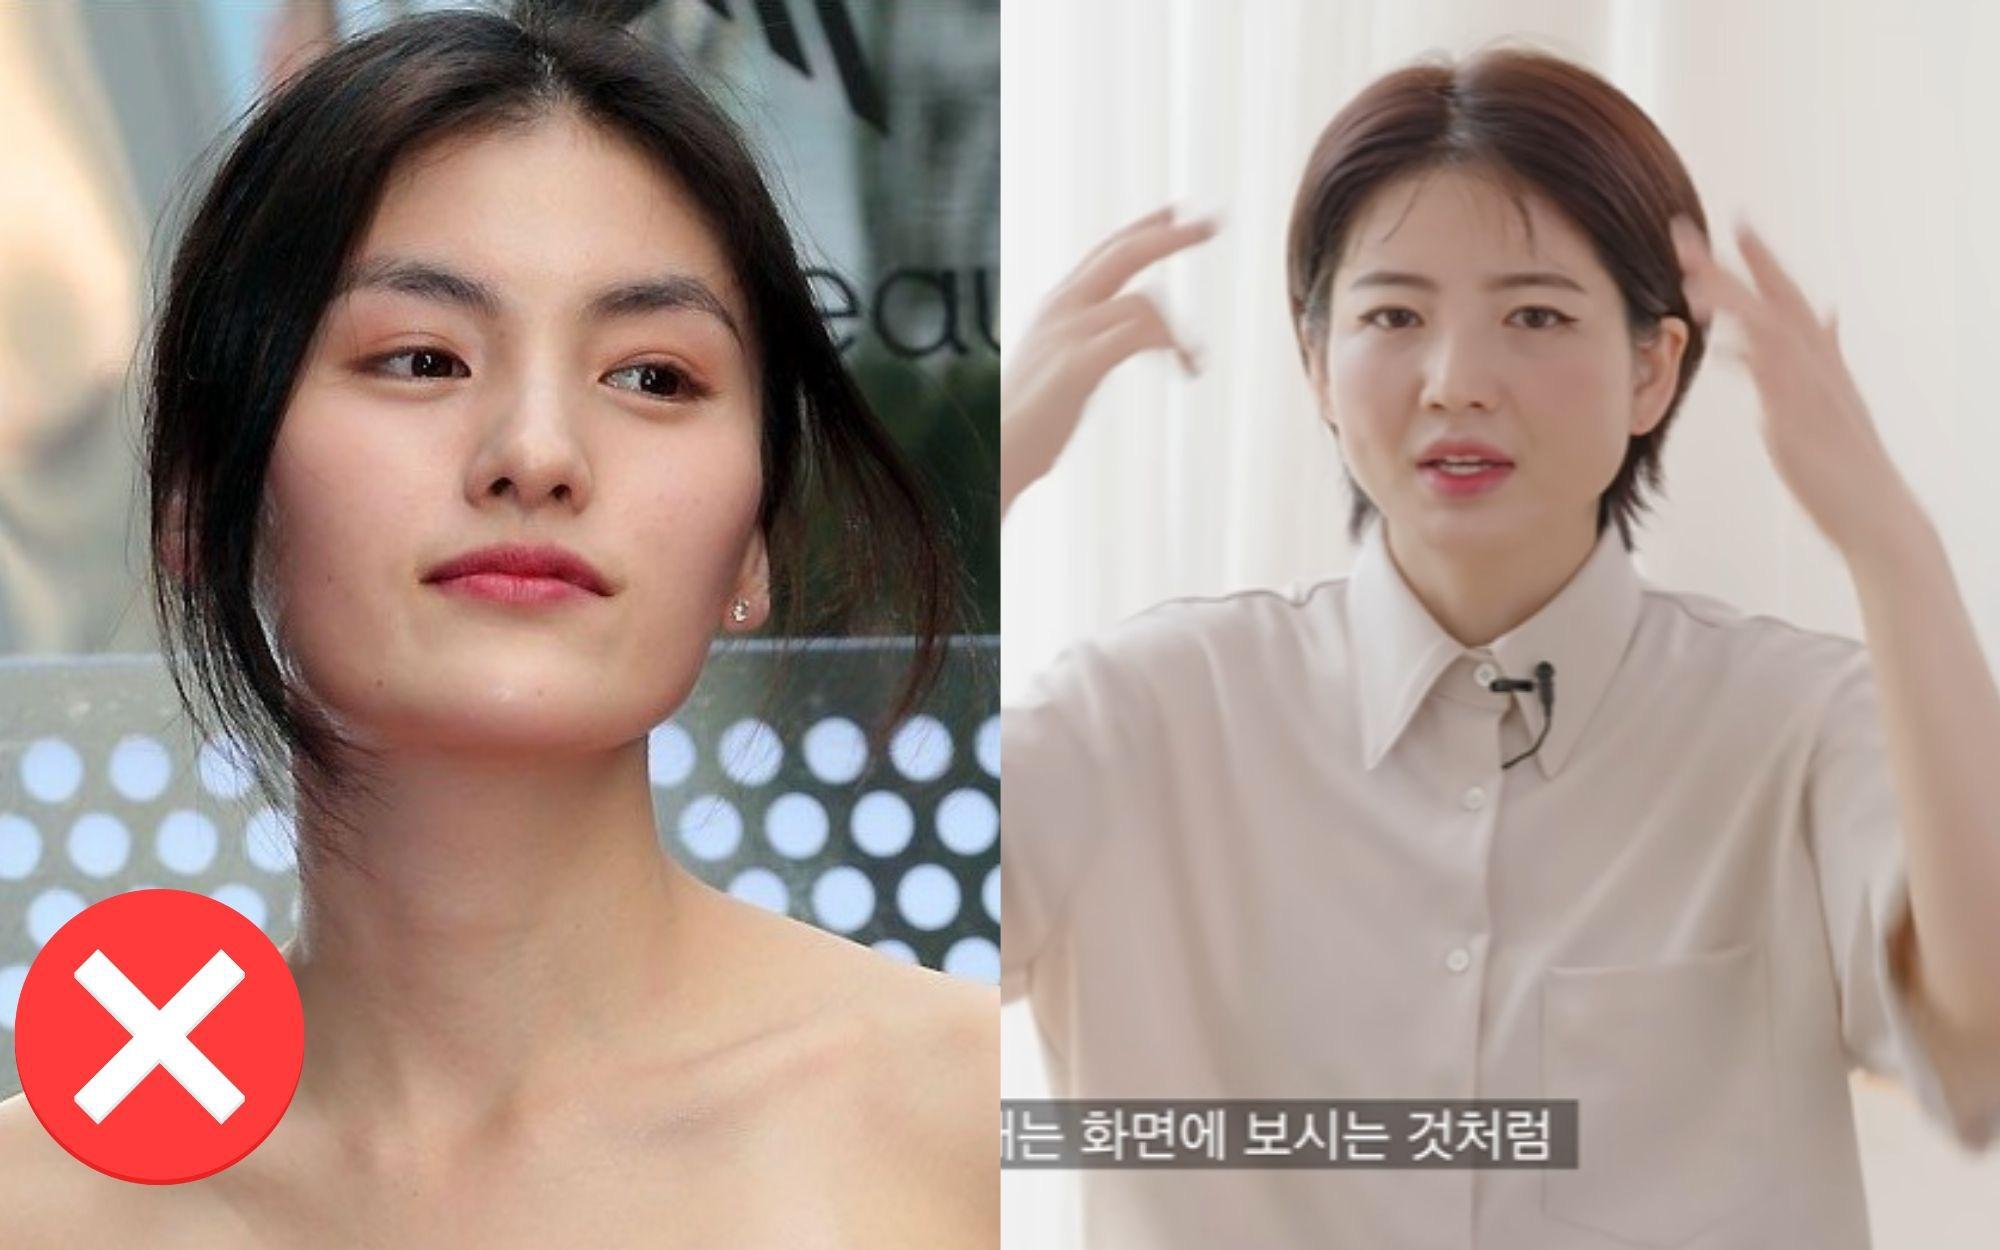 Hair stylist Hàn chỉ ra 4 trường hợp không hợp cắt mái thưa